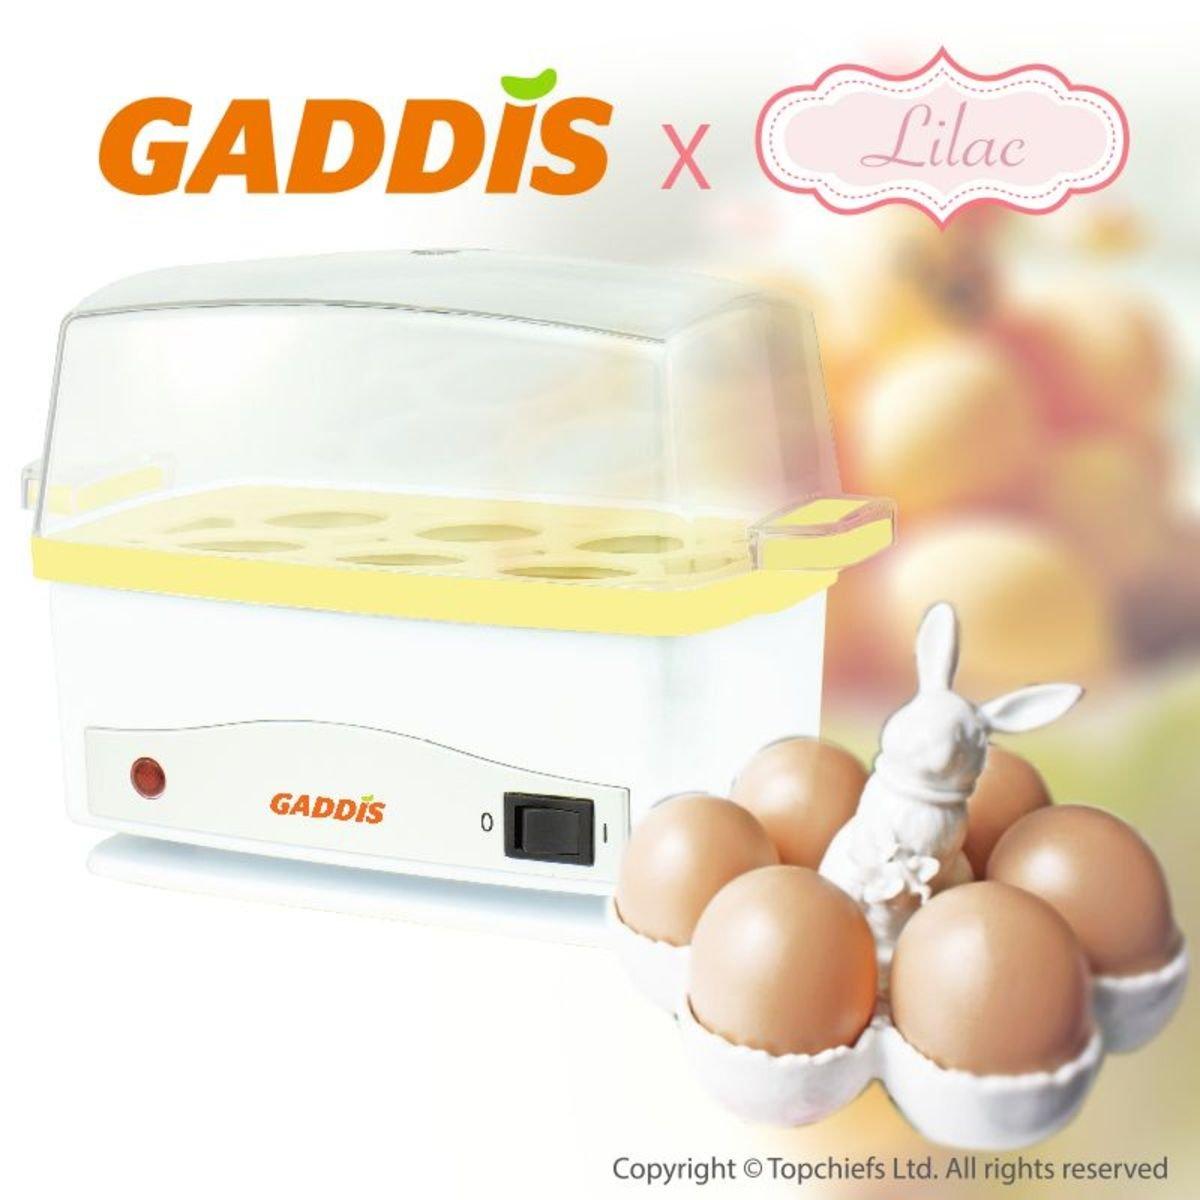 多功能自動計時蒸蛋蒸飯器 (黃色) +小白兔飾物盤/ 雞蛋盤/調味盤